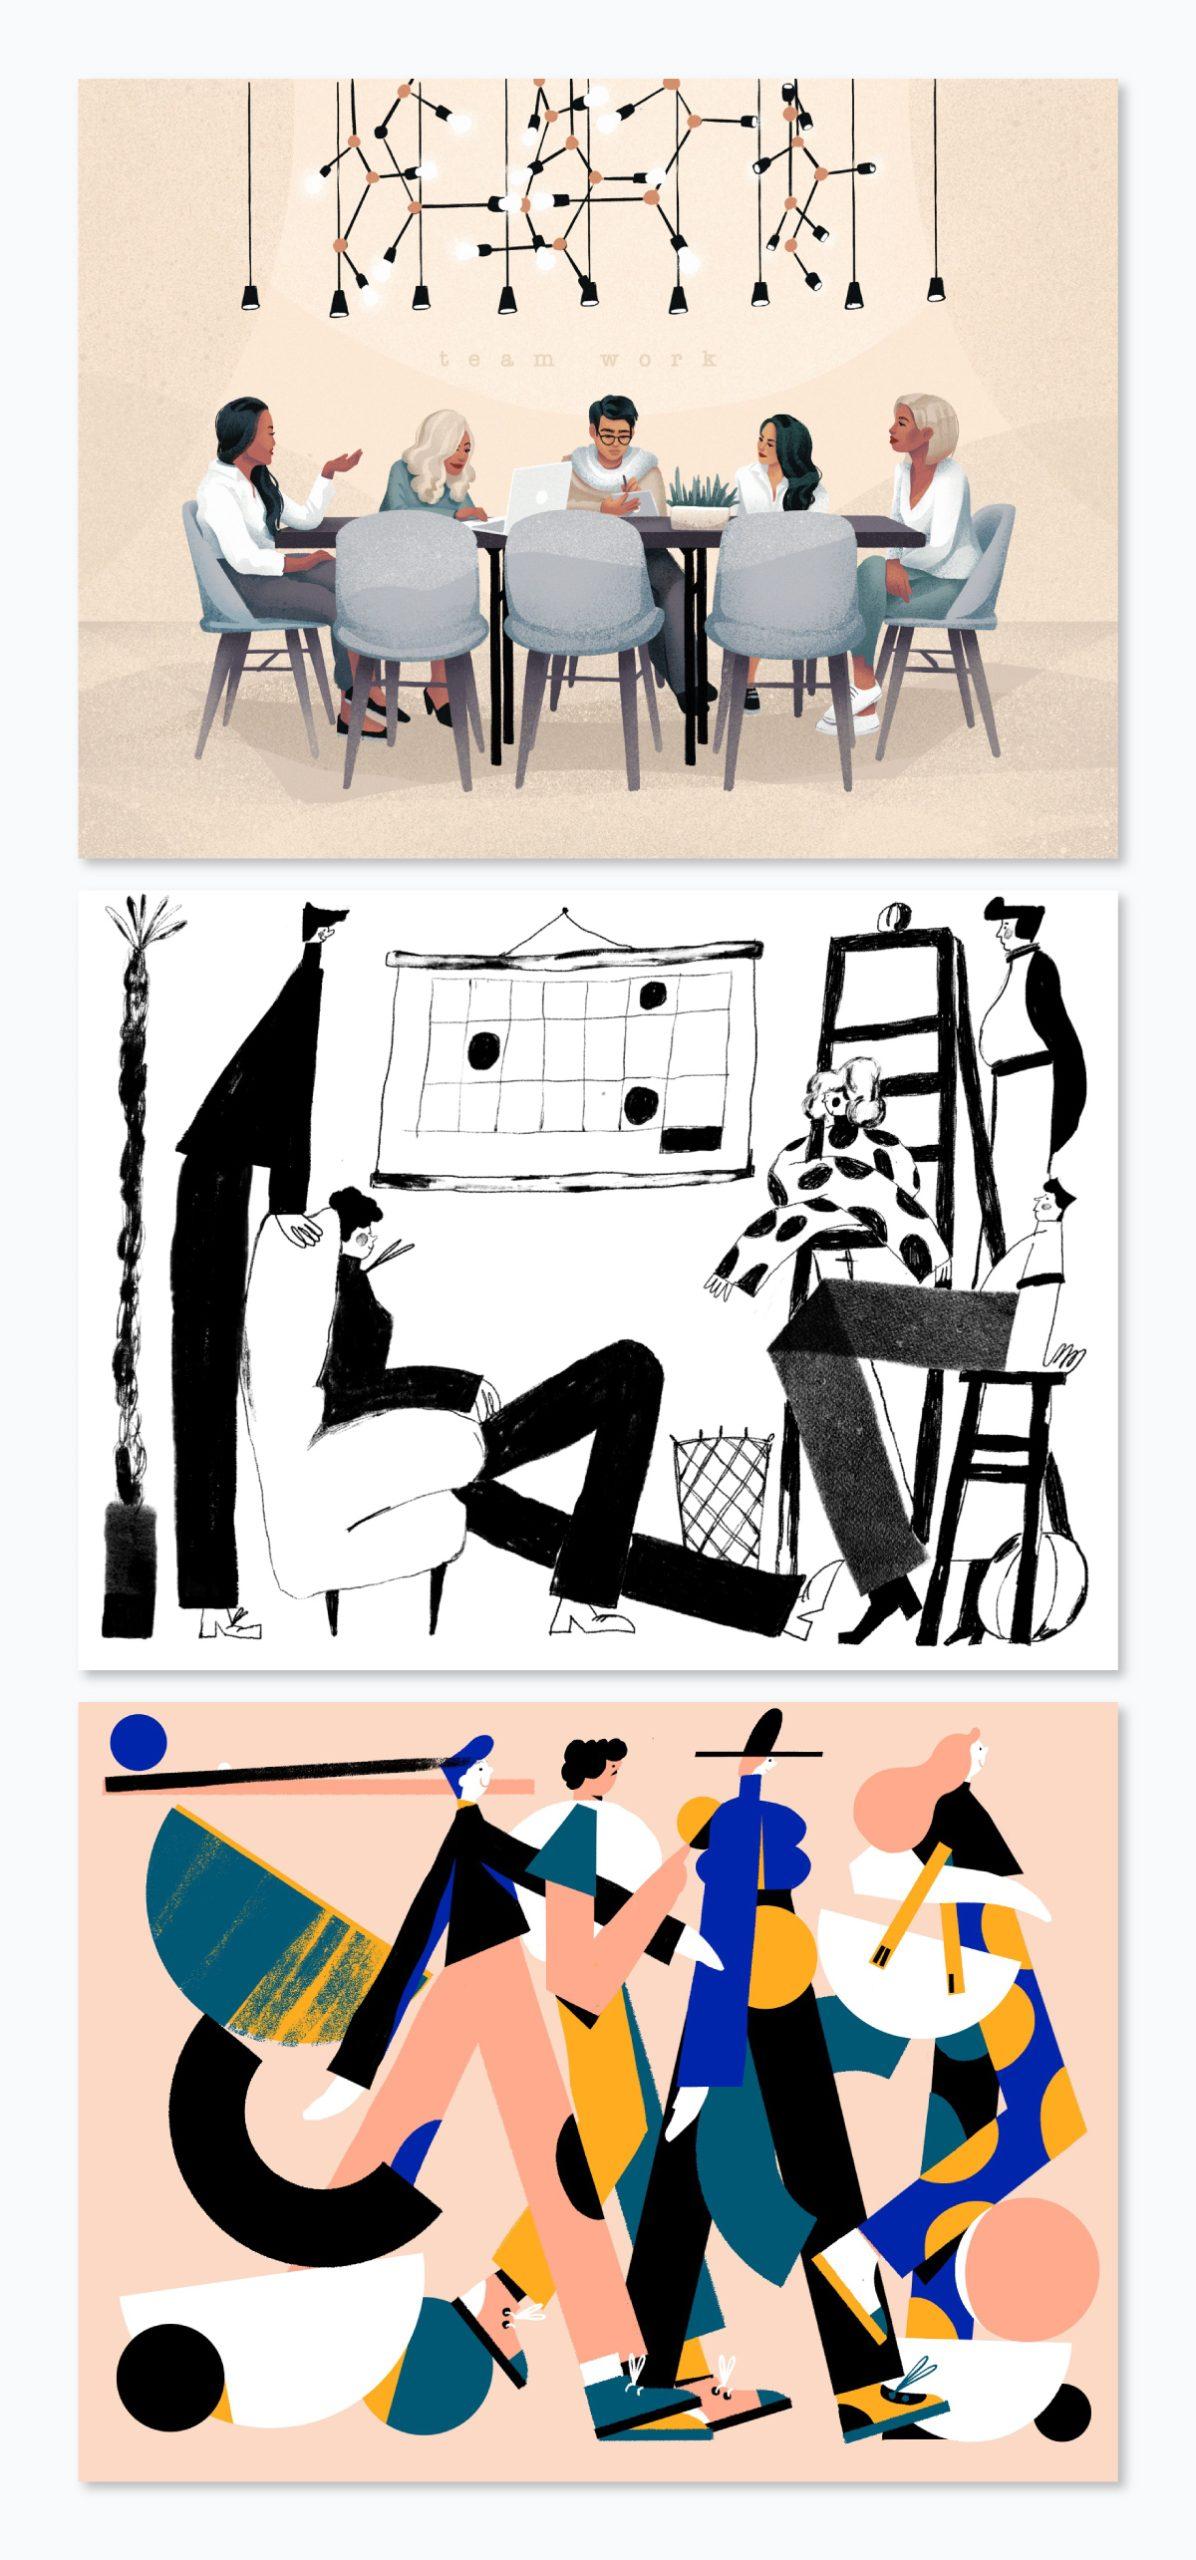 Three illustrations of people.